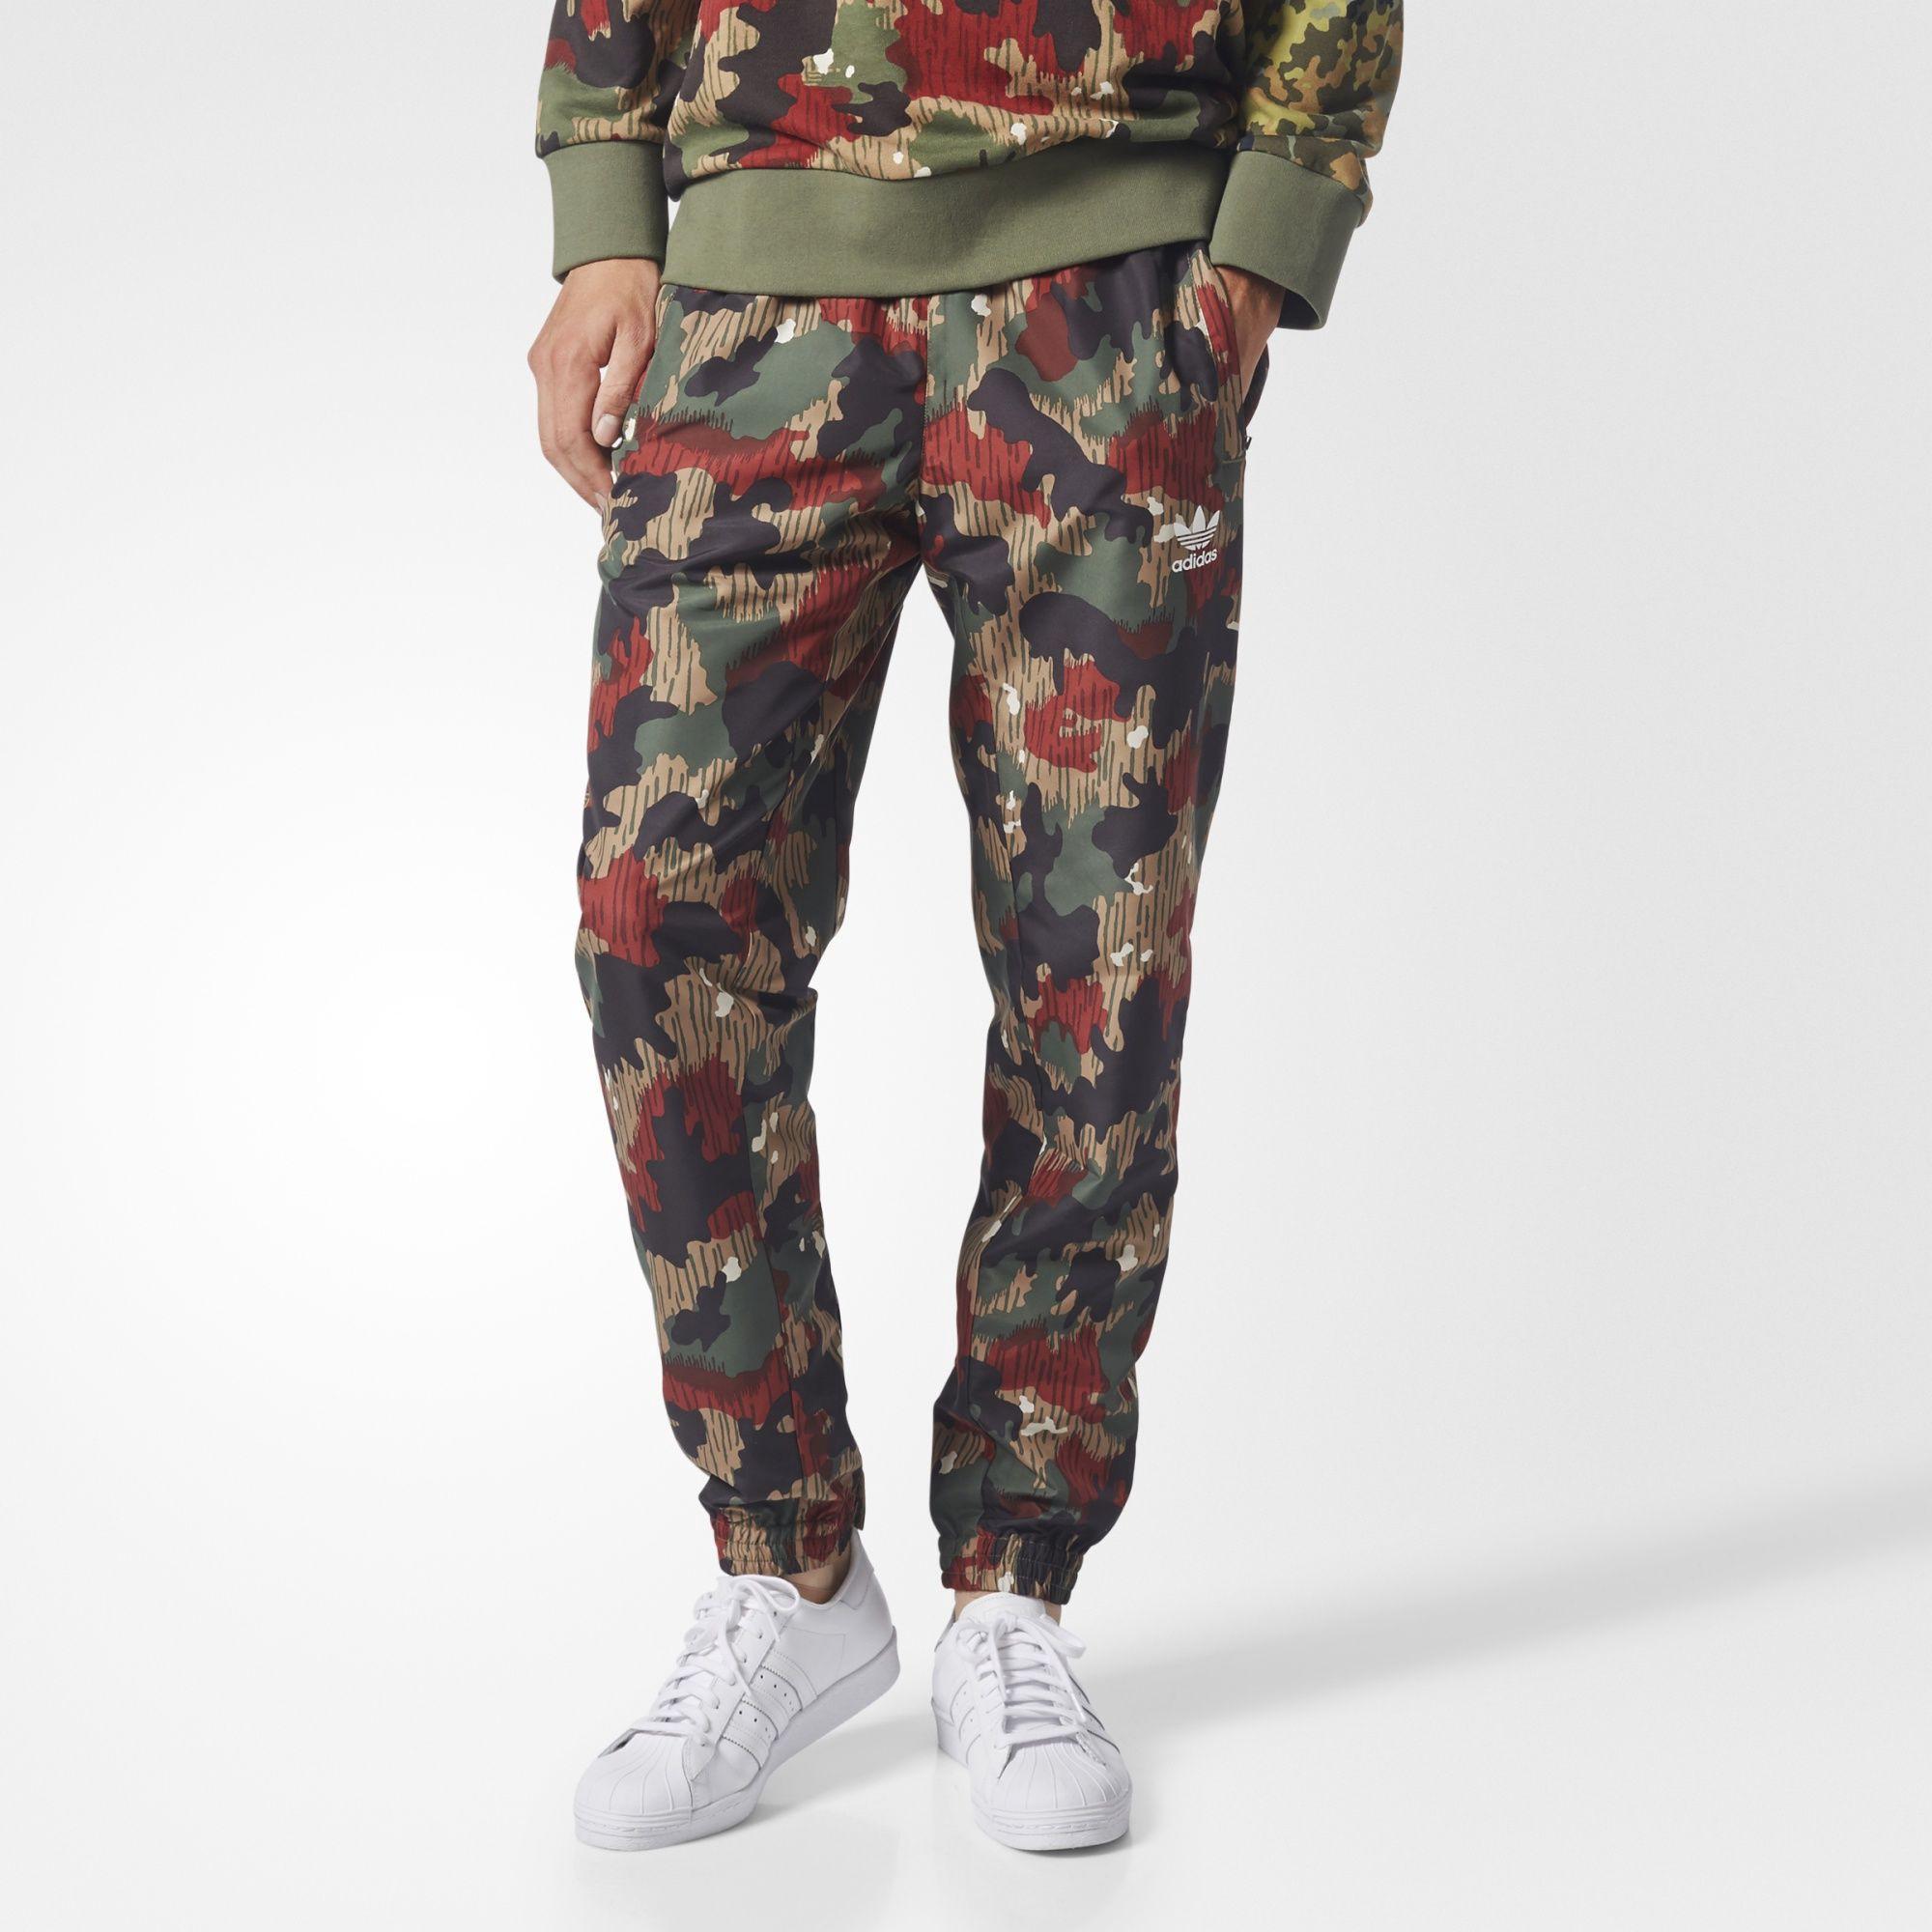 9298f8330b2f ADIDAS ORIGINALS. Originals Pharrell Williams Hu Hiking Wind Pants in Camo